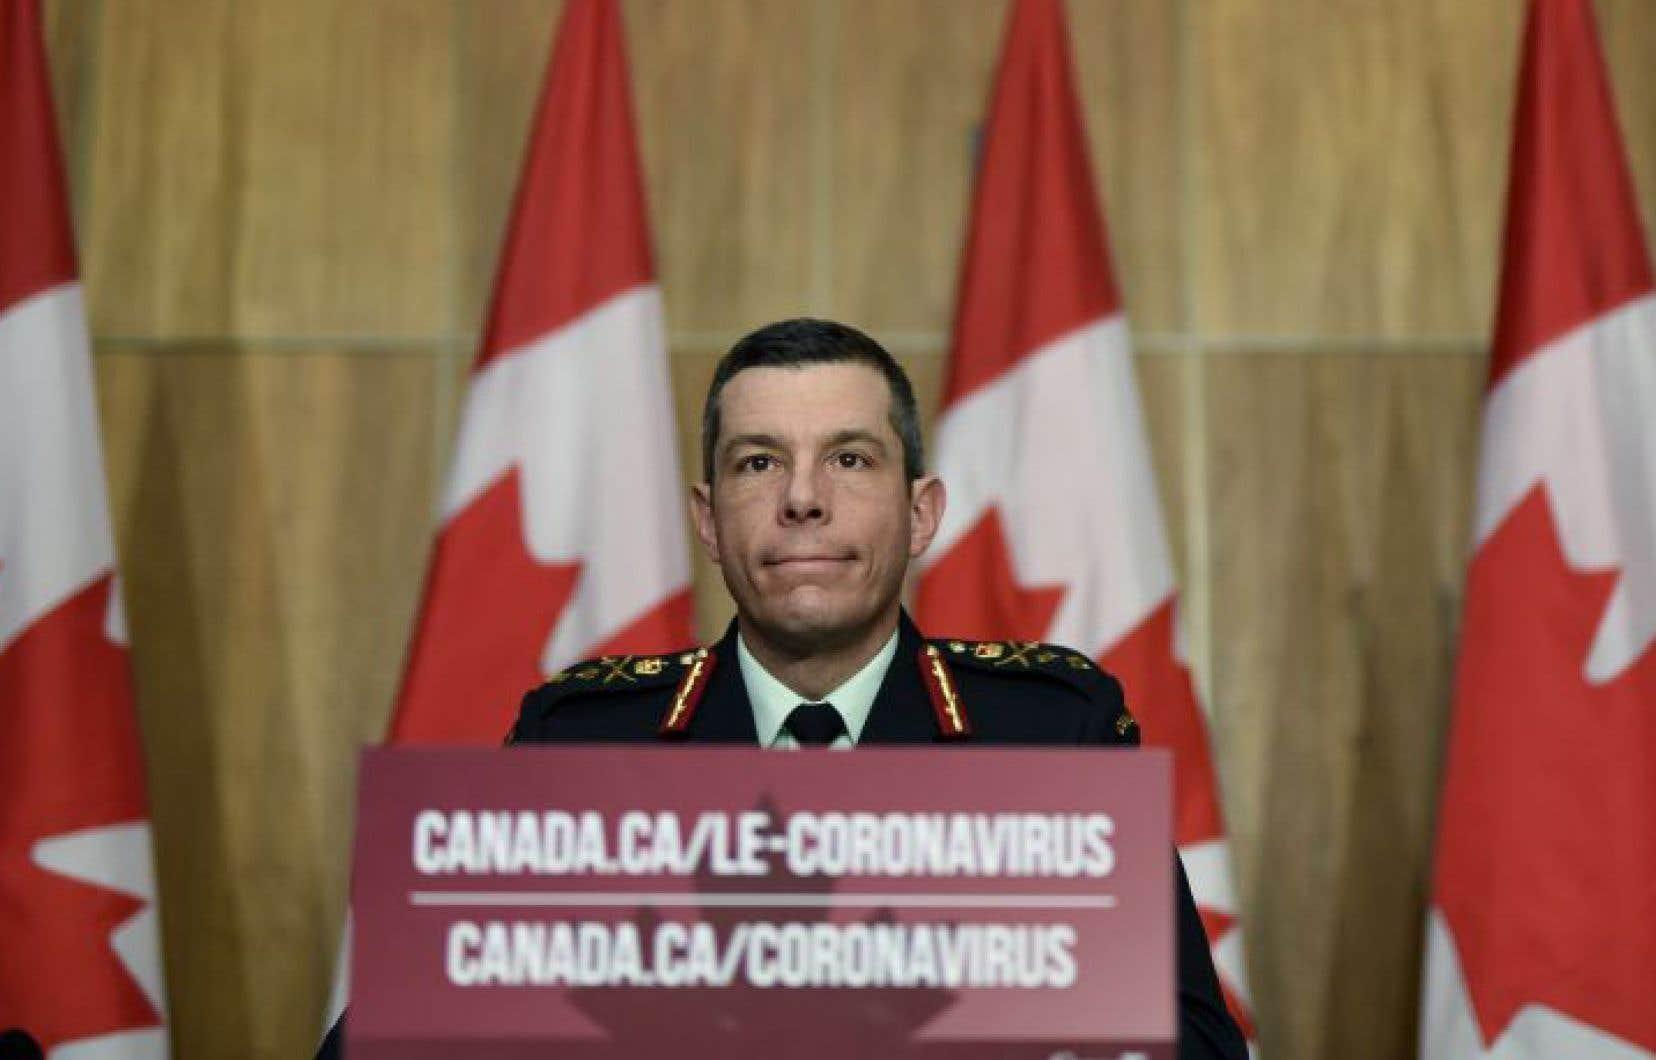 Le major général Dany Fortin était responsable de la campagne de vaccination contre la COVID-19 au Canada.